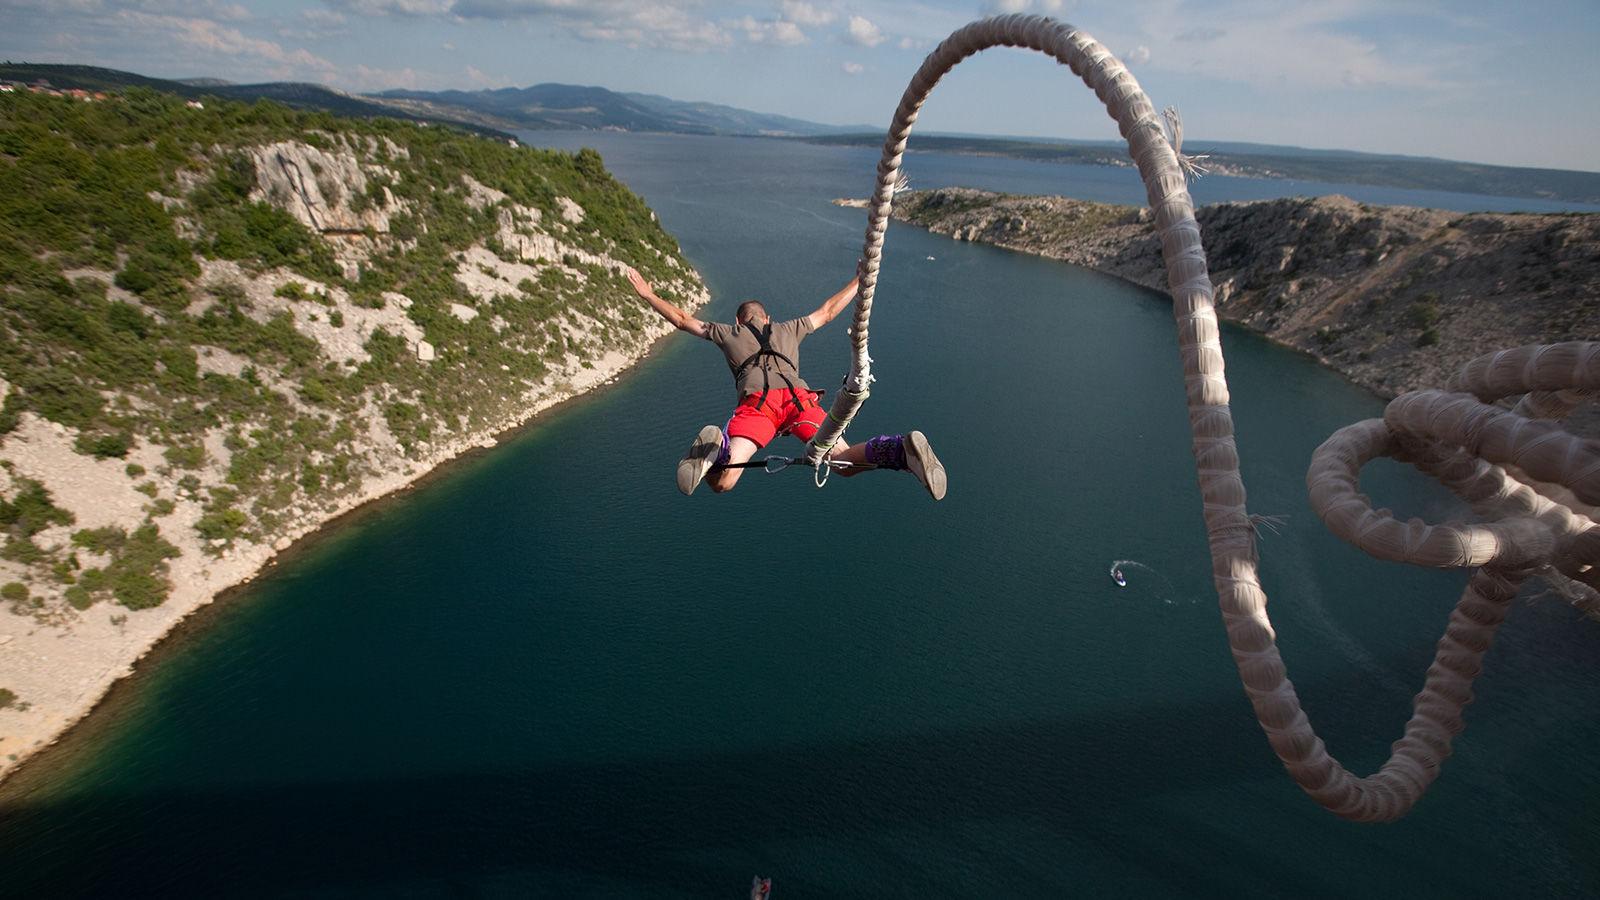 Bungee jumping yapan adam